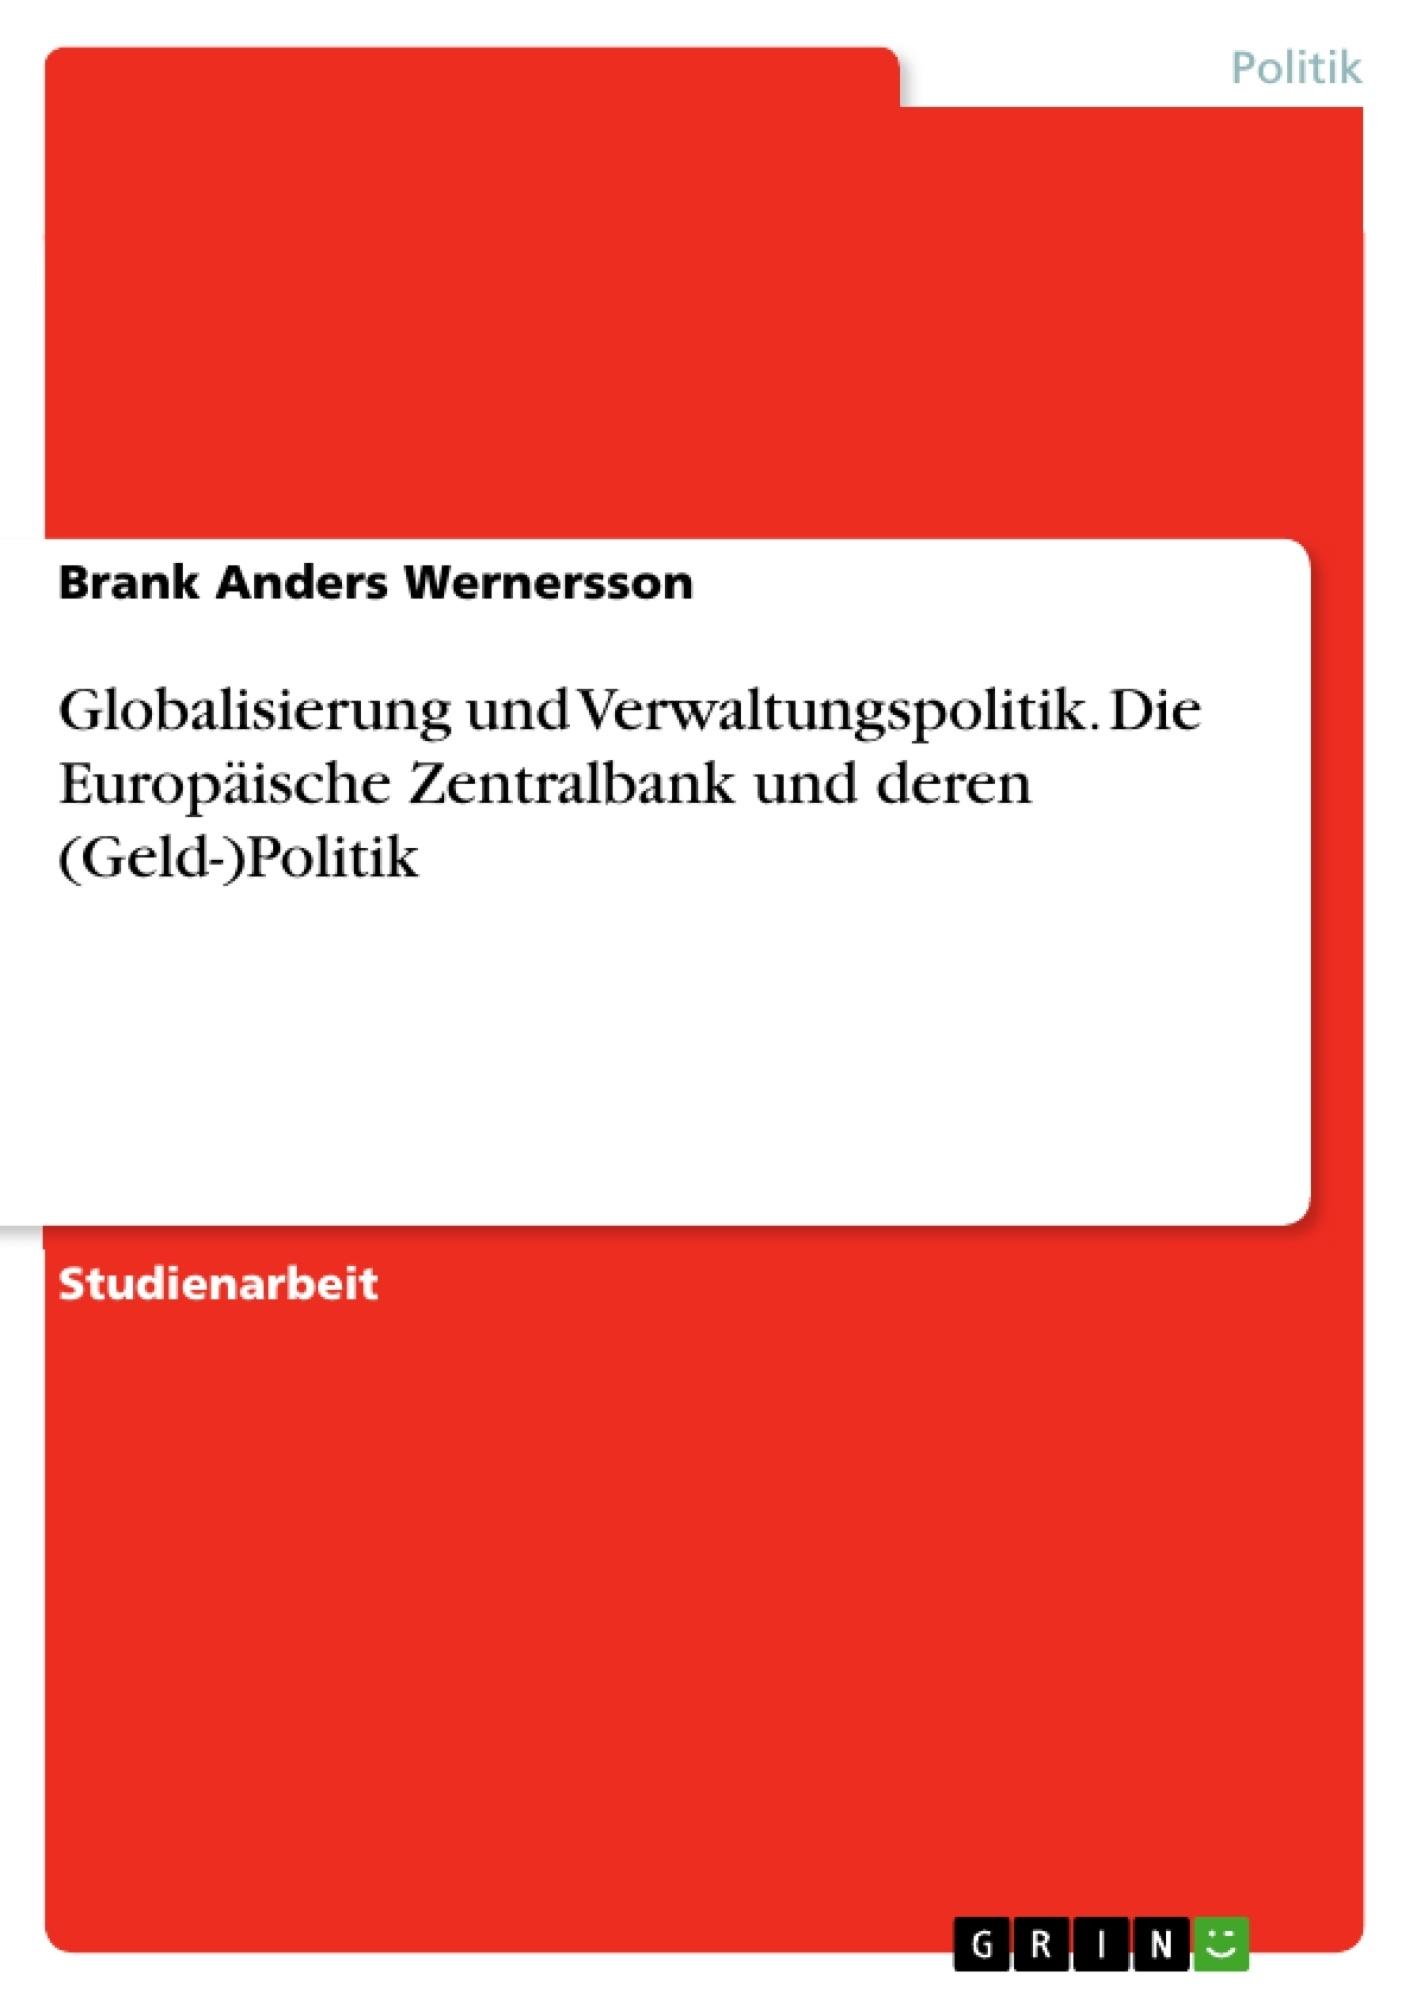 Titel: Globalisierung und Verwaltungspolitik. Die Europäische Zentralbank und deren (Geld-)Politik